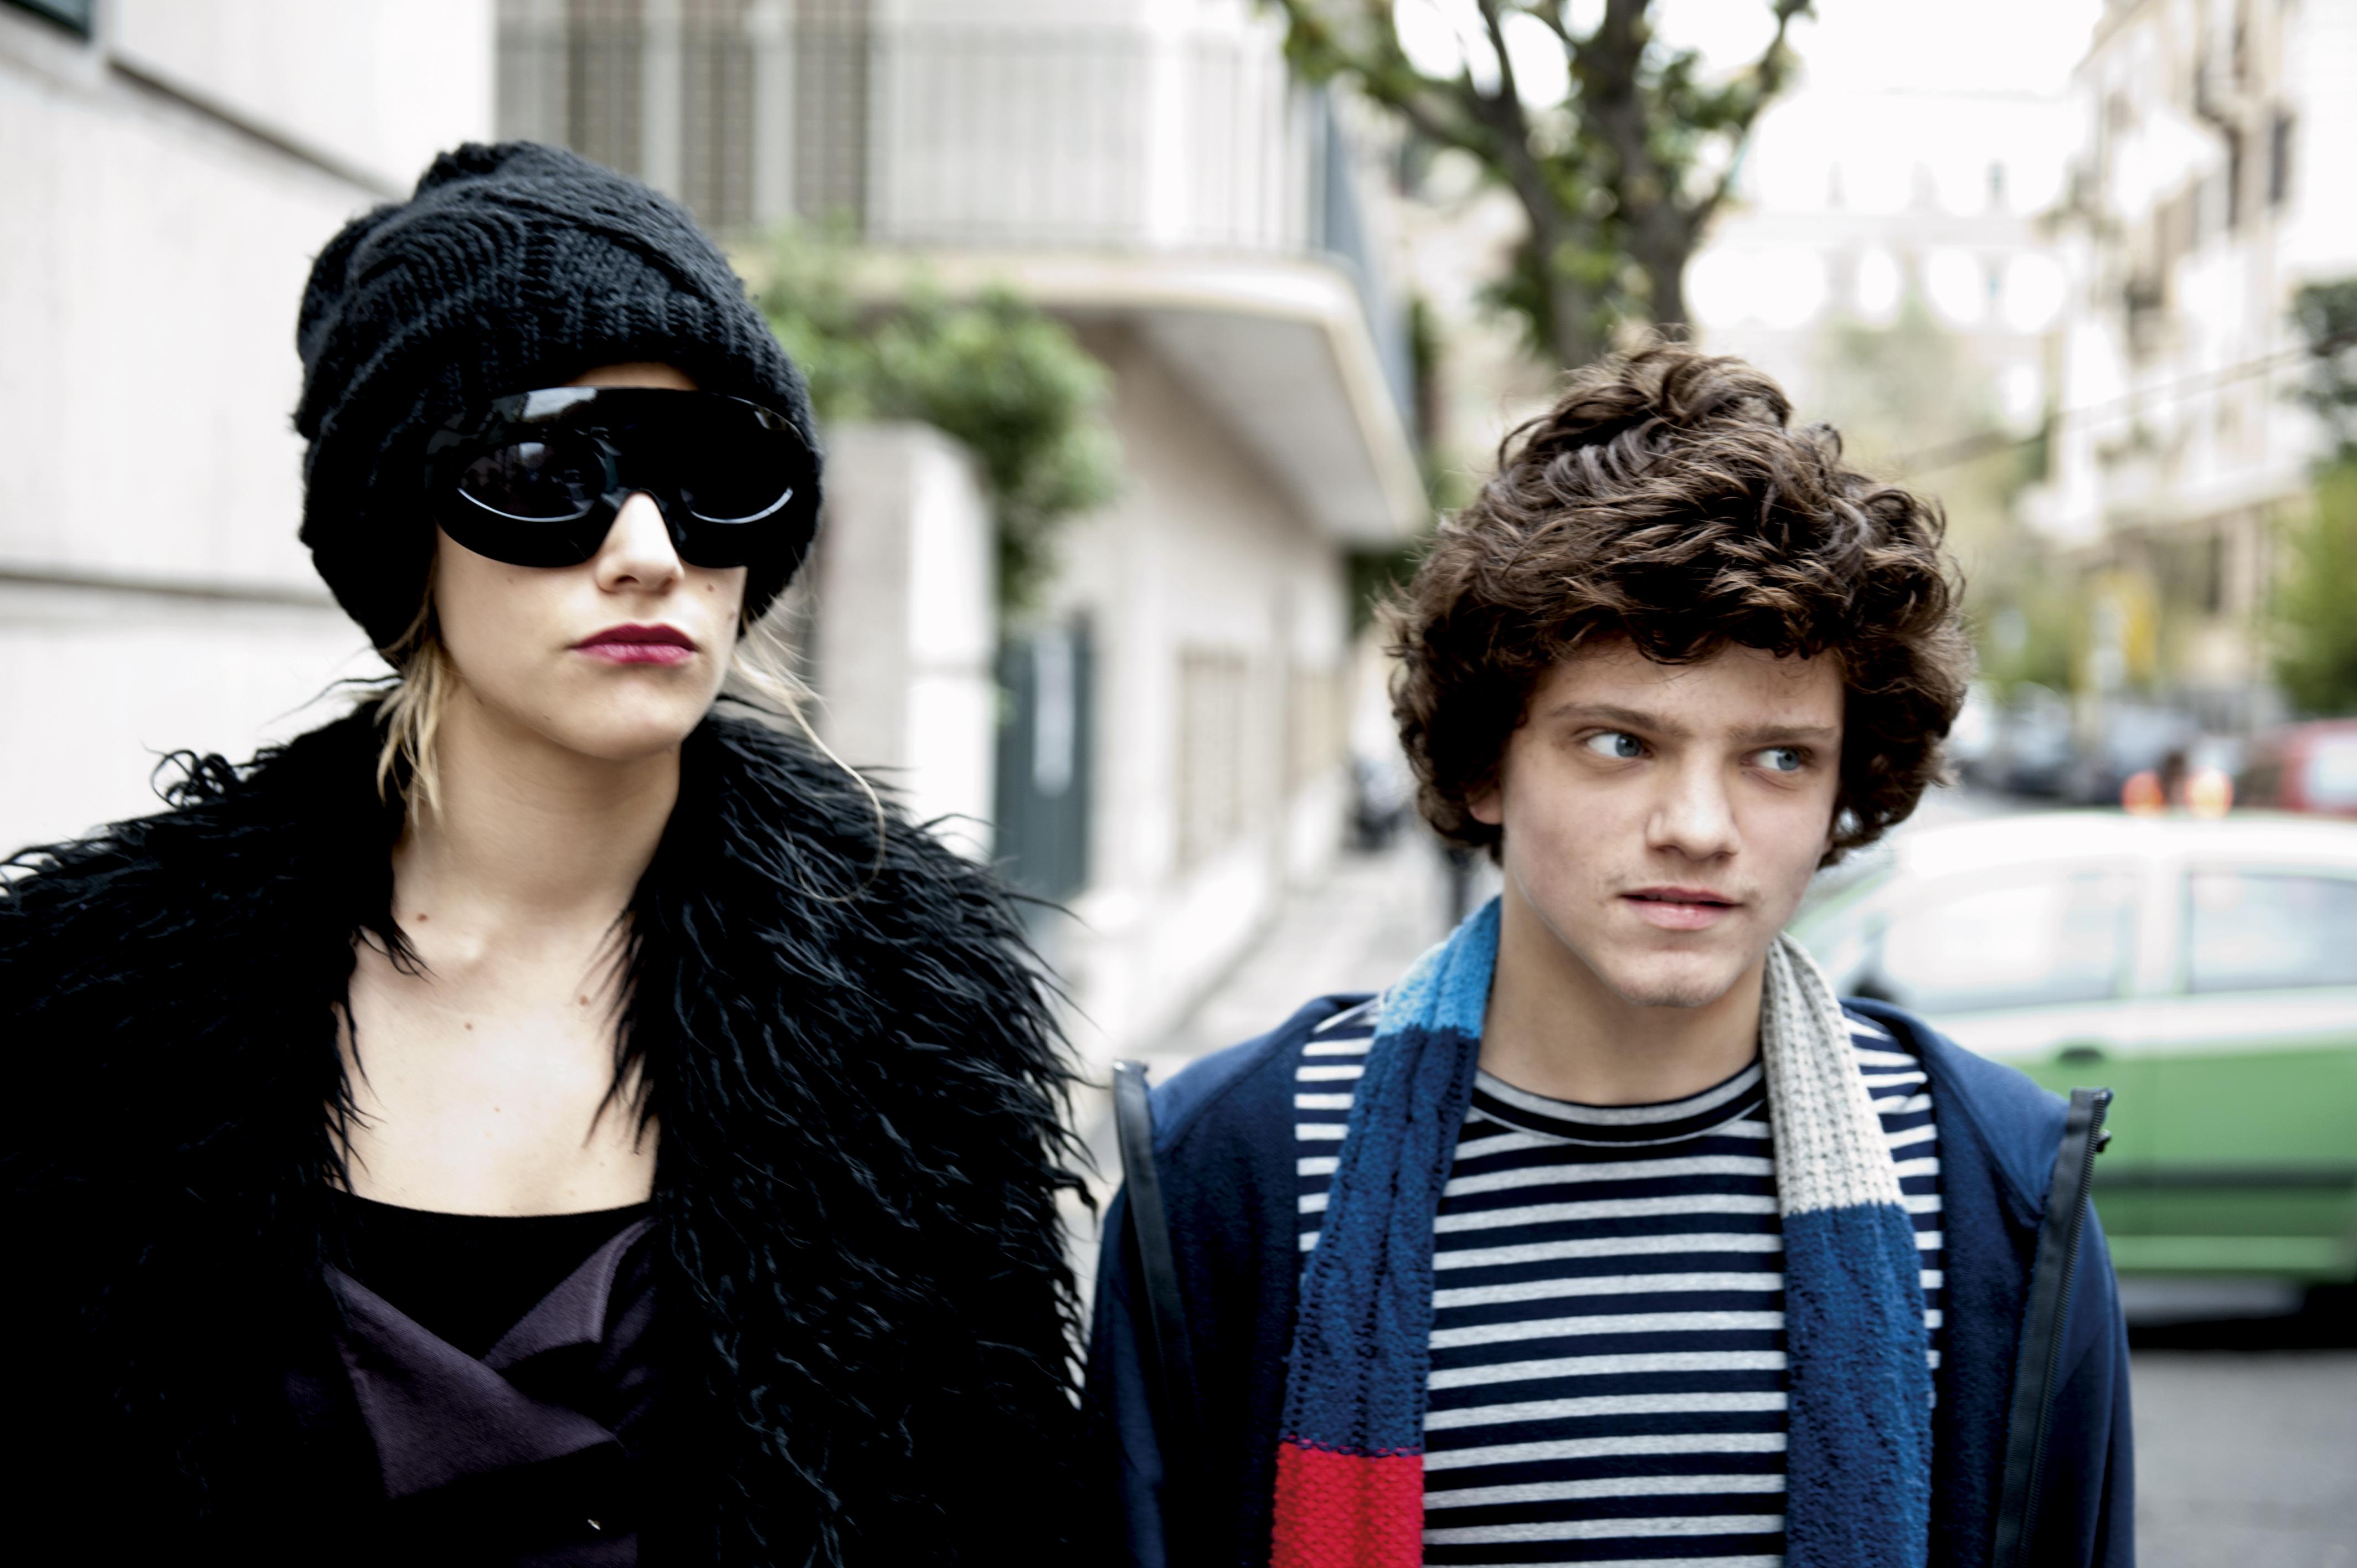 Olivia und Lorenzo aus Ich und Du (Fimstill: Kool Filmdistribution)